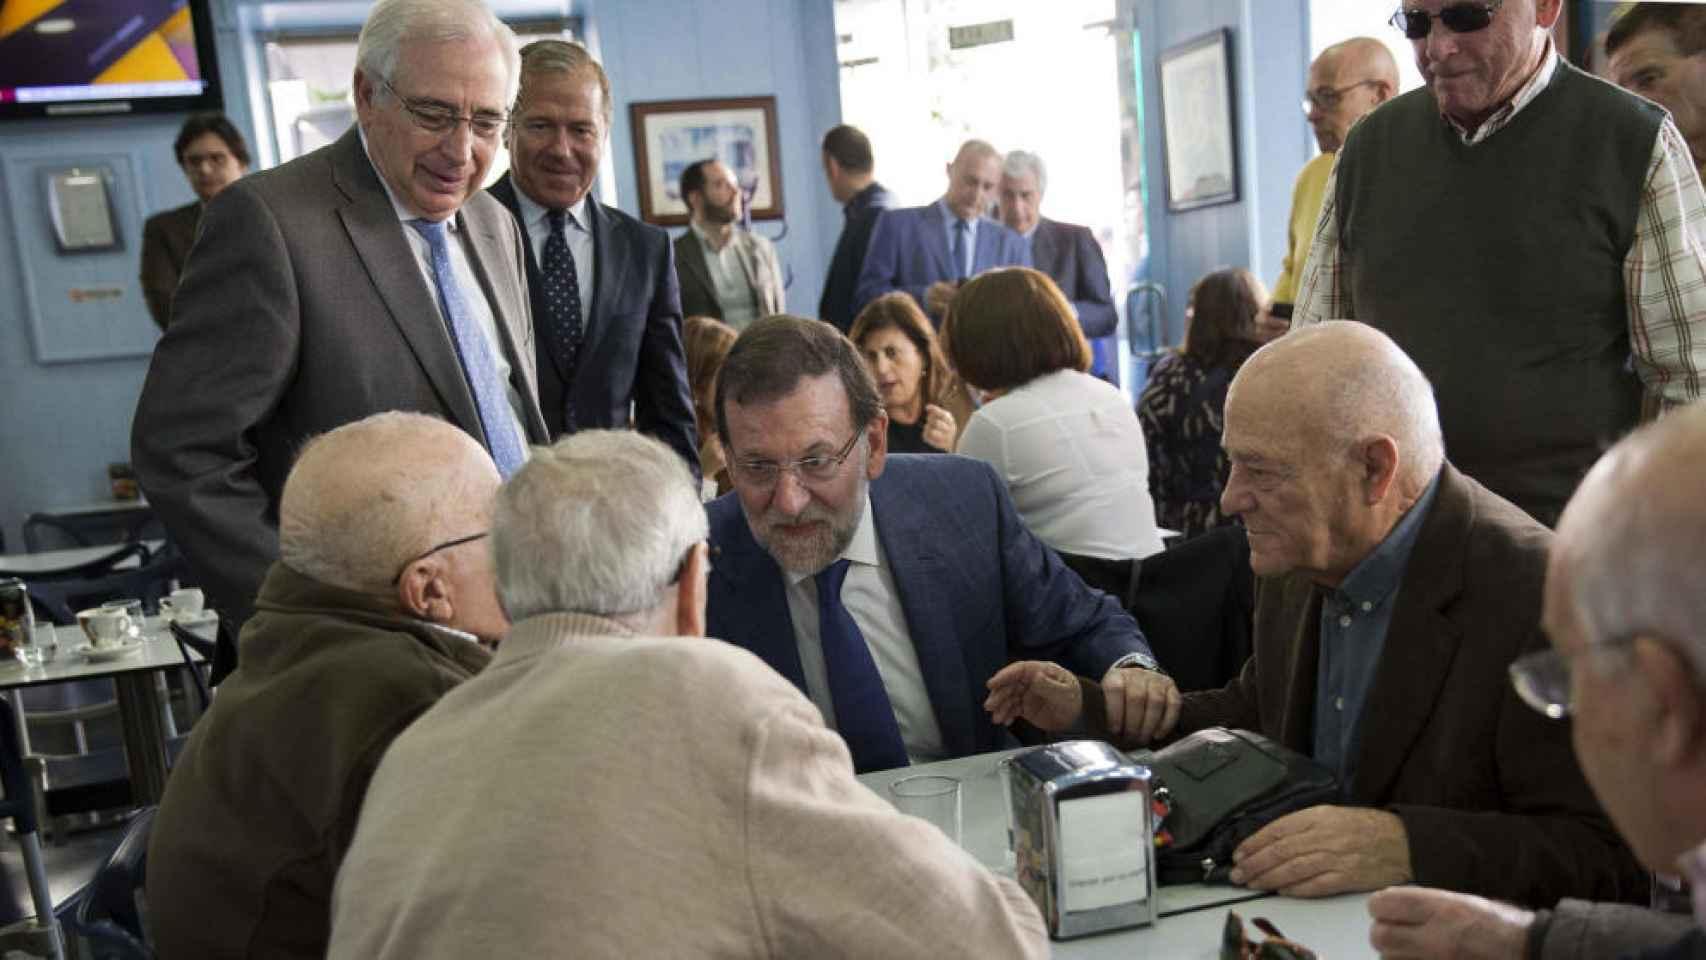 El presidente del Gobierno, Mariano Rajoy, en una reunión con pensionistas.